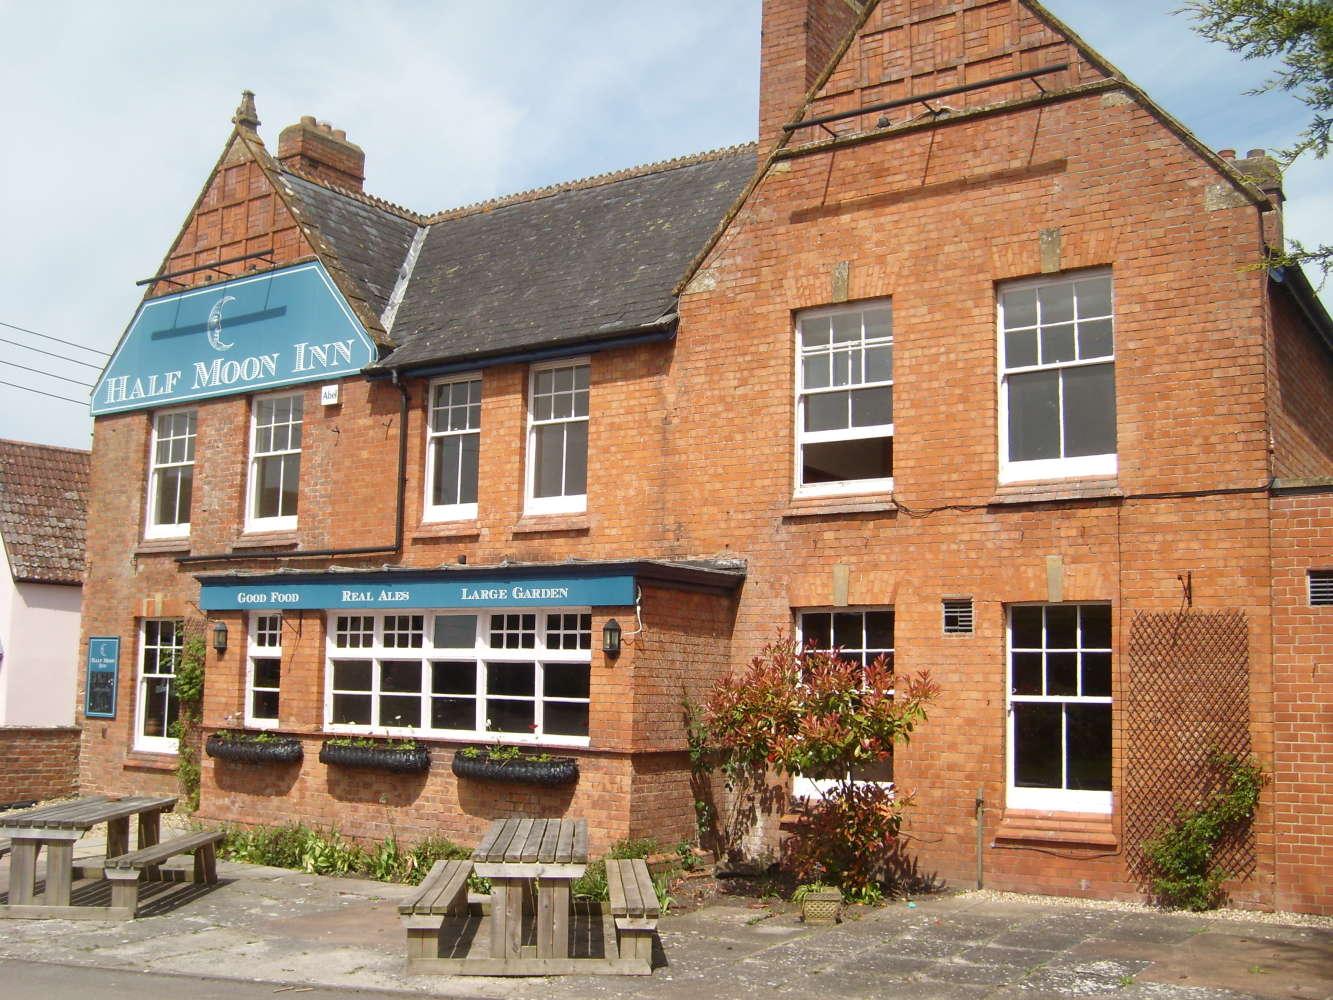 Pub Taunton, TA3 5BY - The Half Moon Inn  - 274064